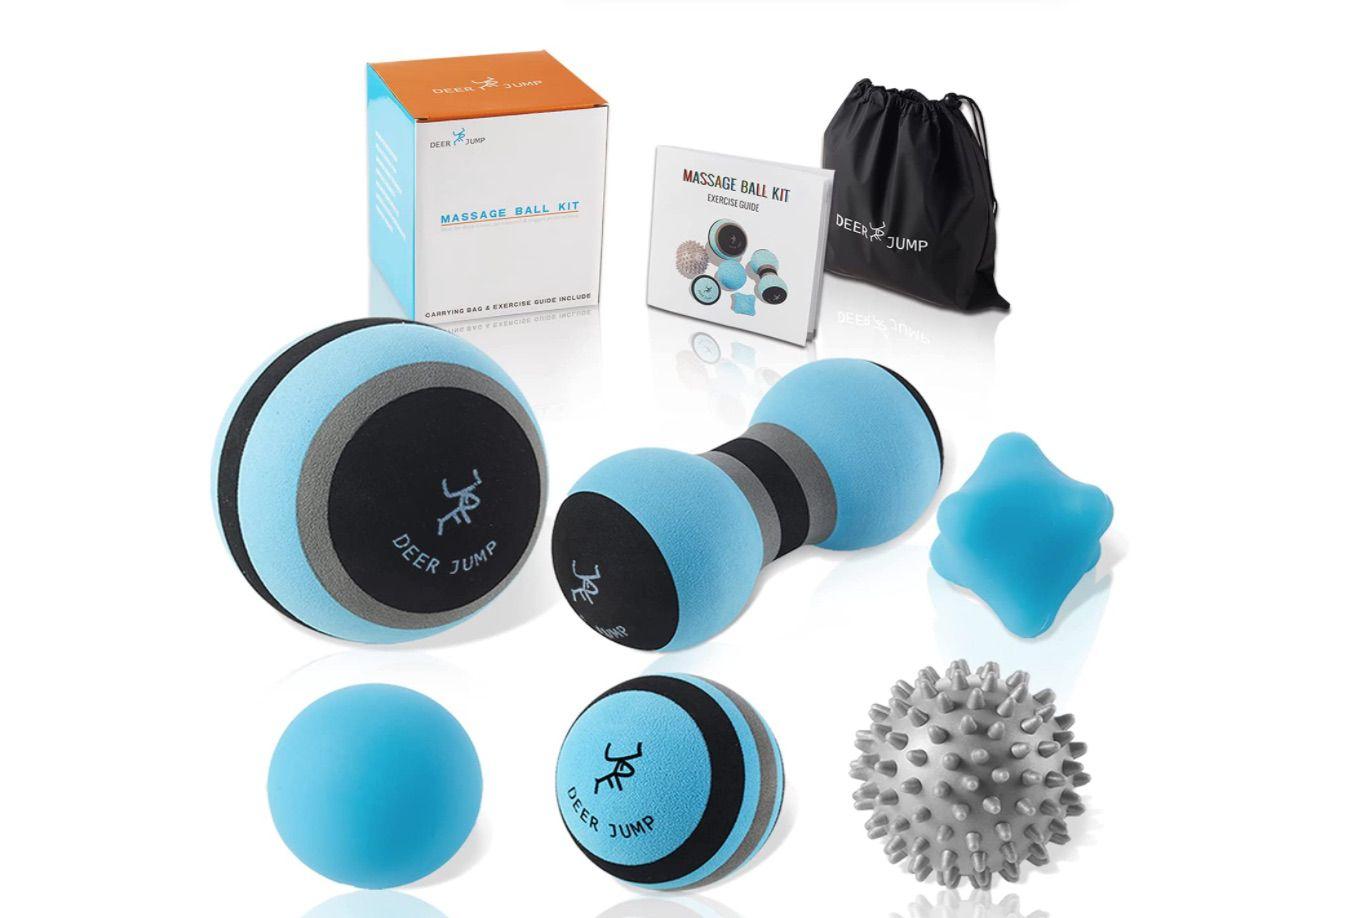 DEER JUMP Massage Ball Kit